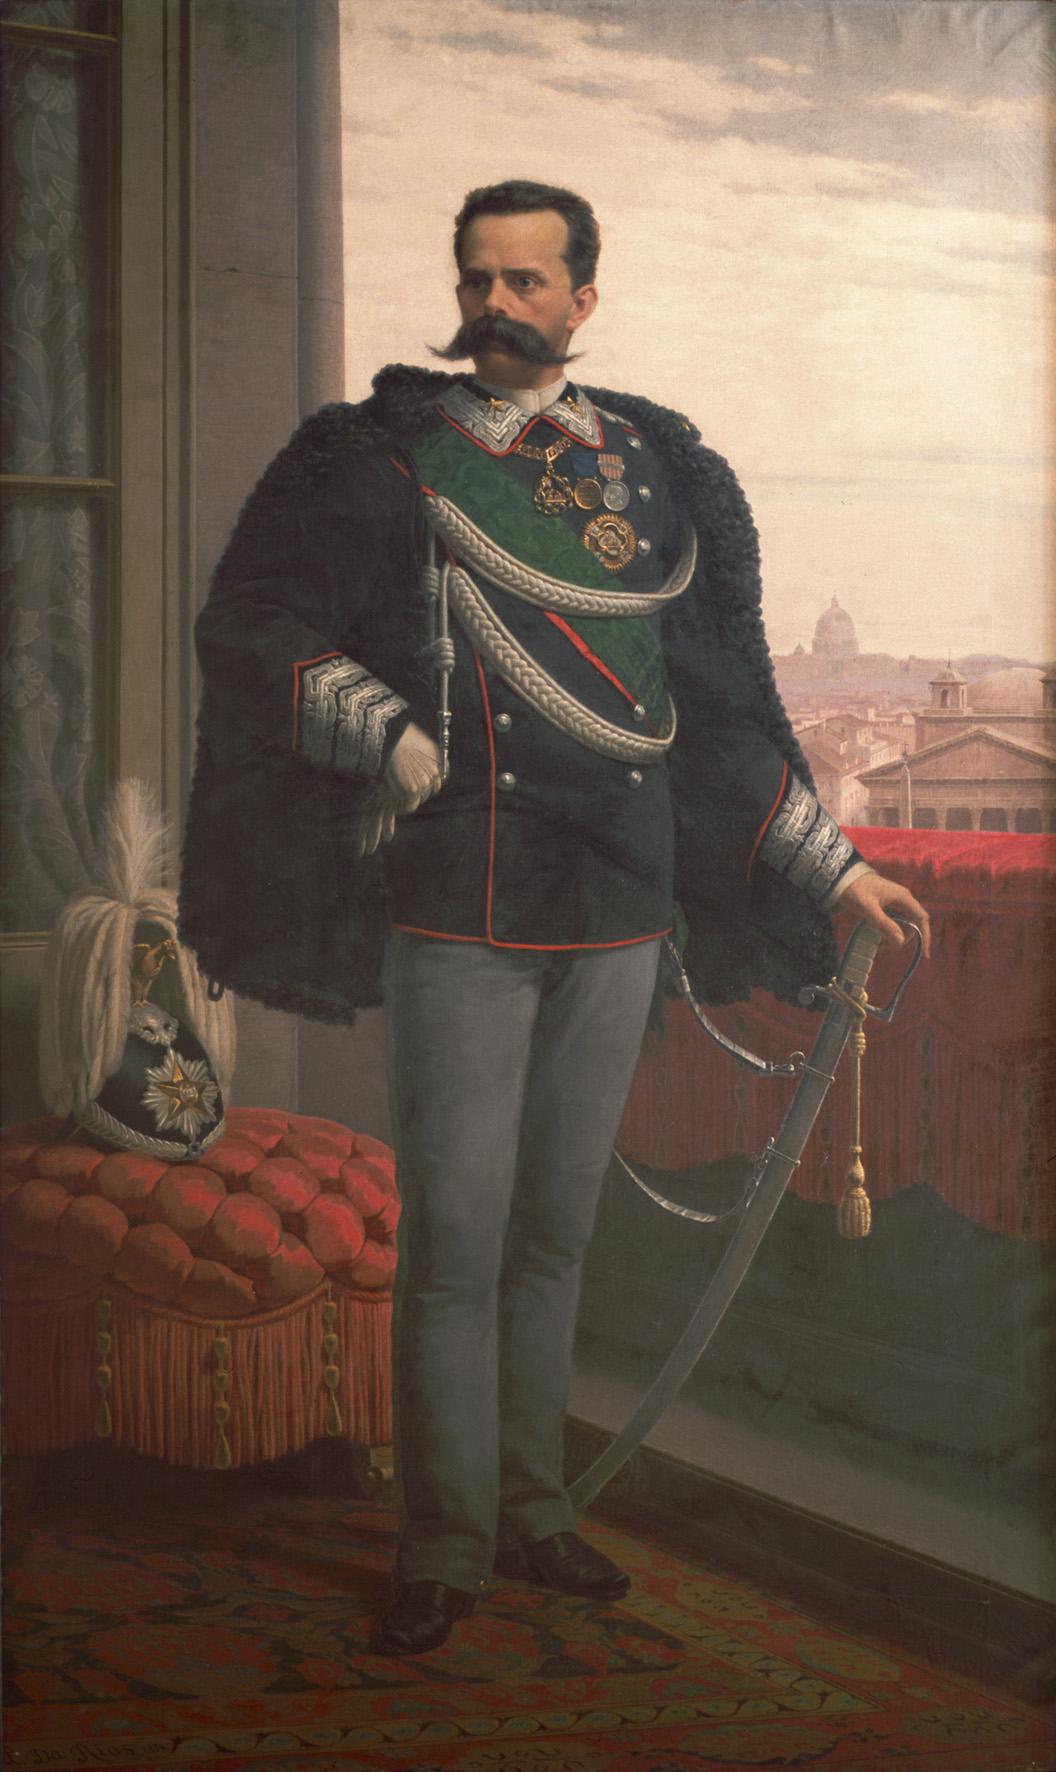 Umberto I of Italy - Wikipedia